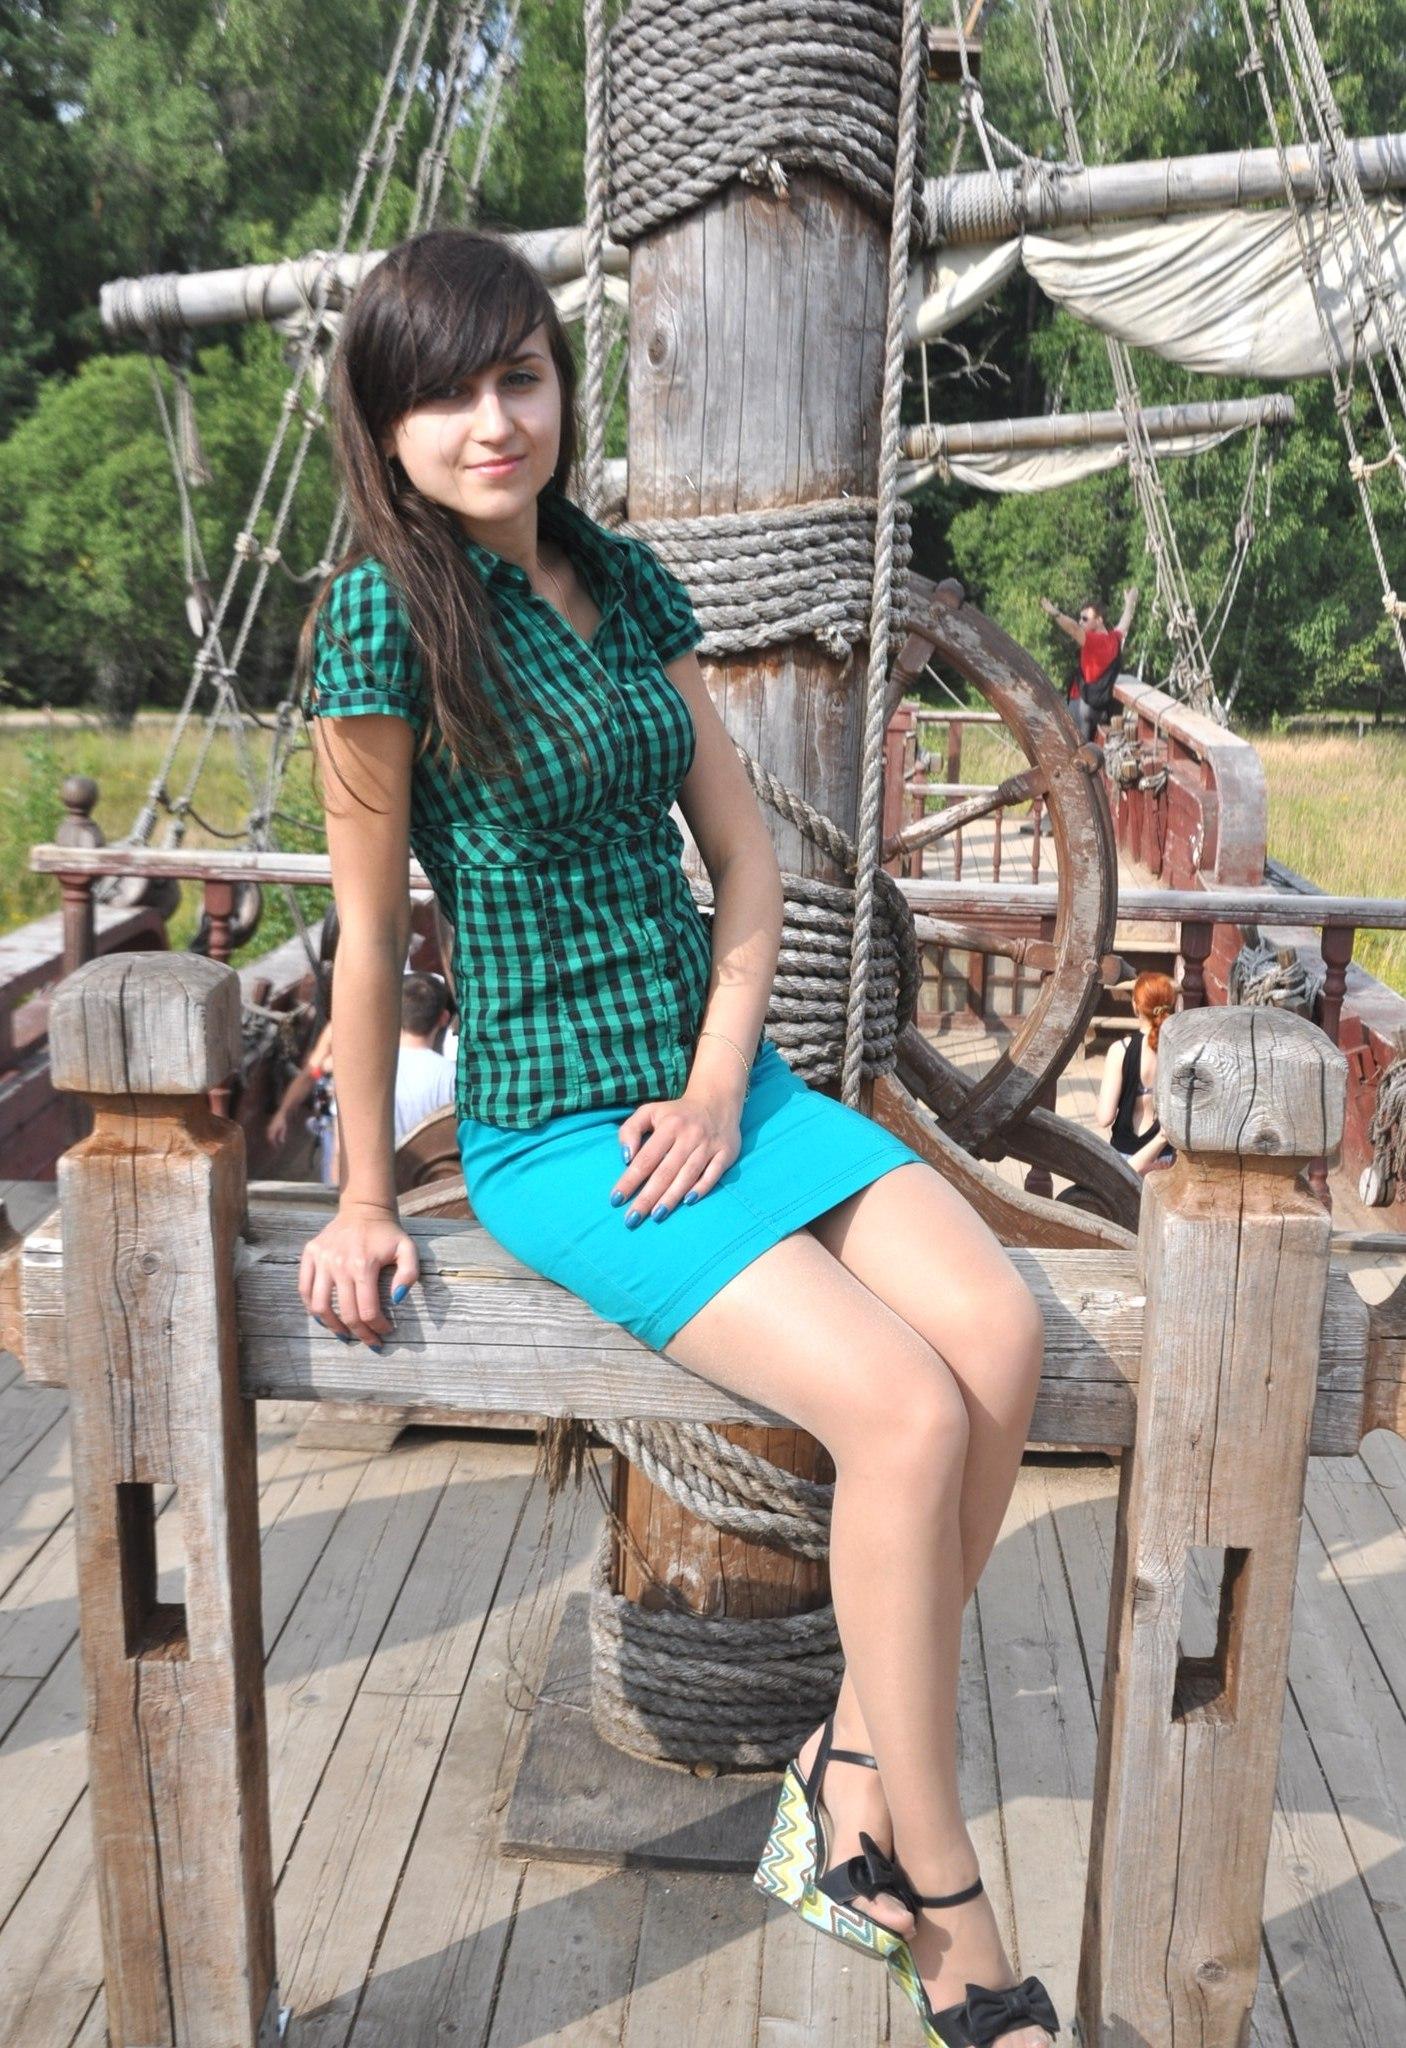 Красотка в клетчатой рубашке и юбке